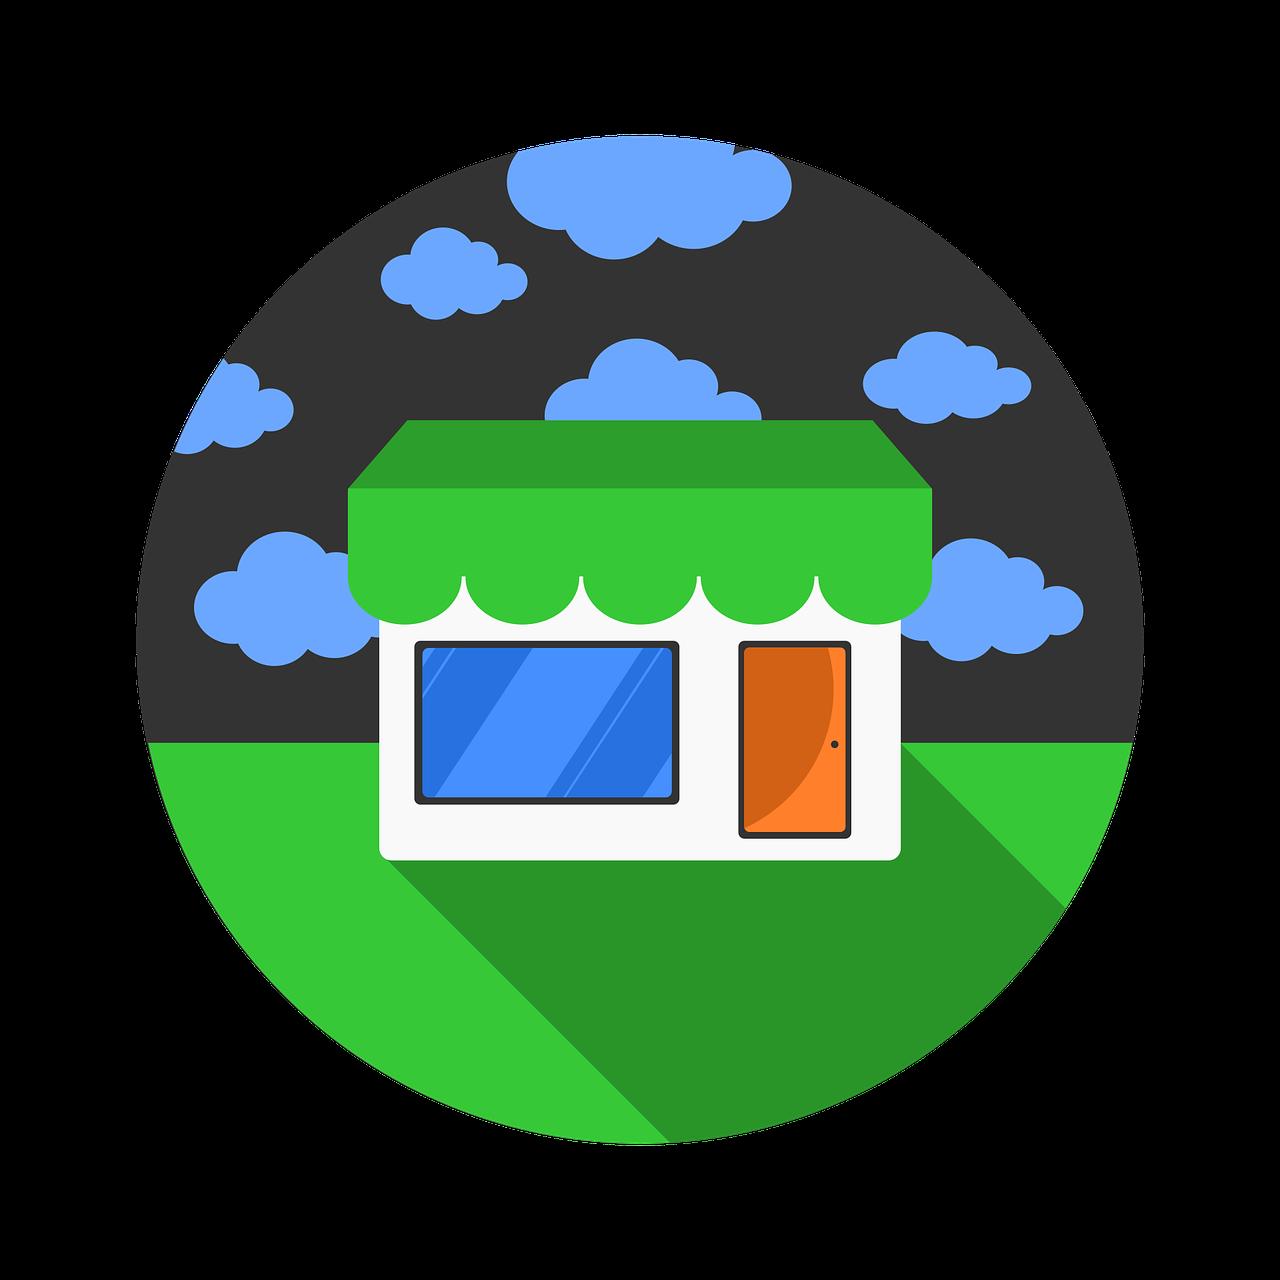 Online kopen en verkopen (o.a. Marktplaats)